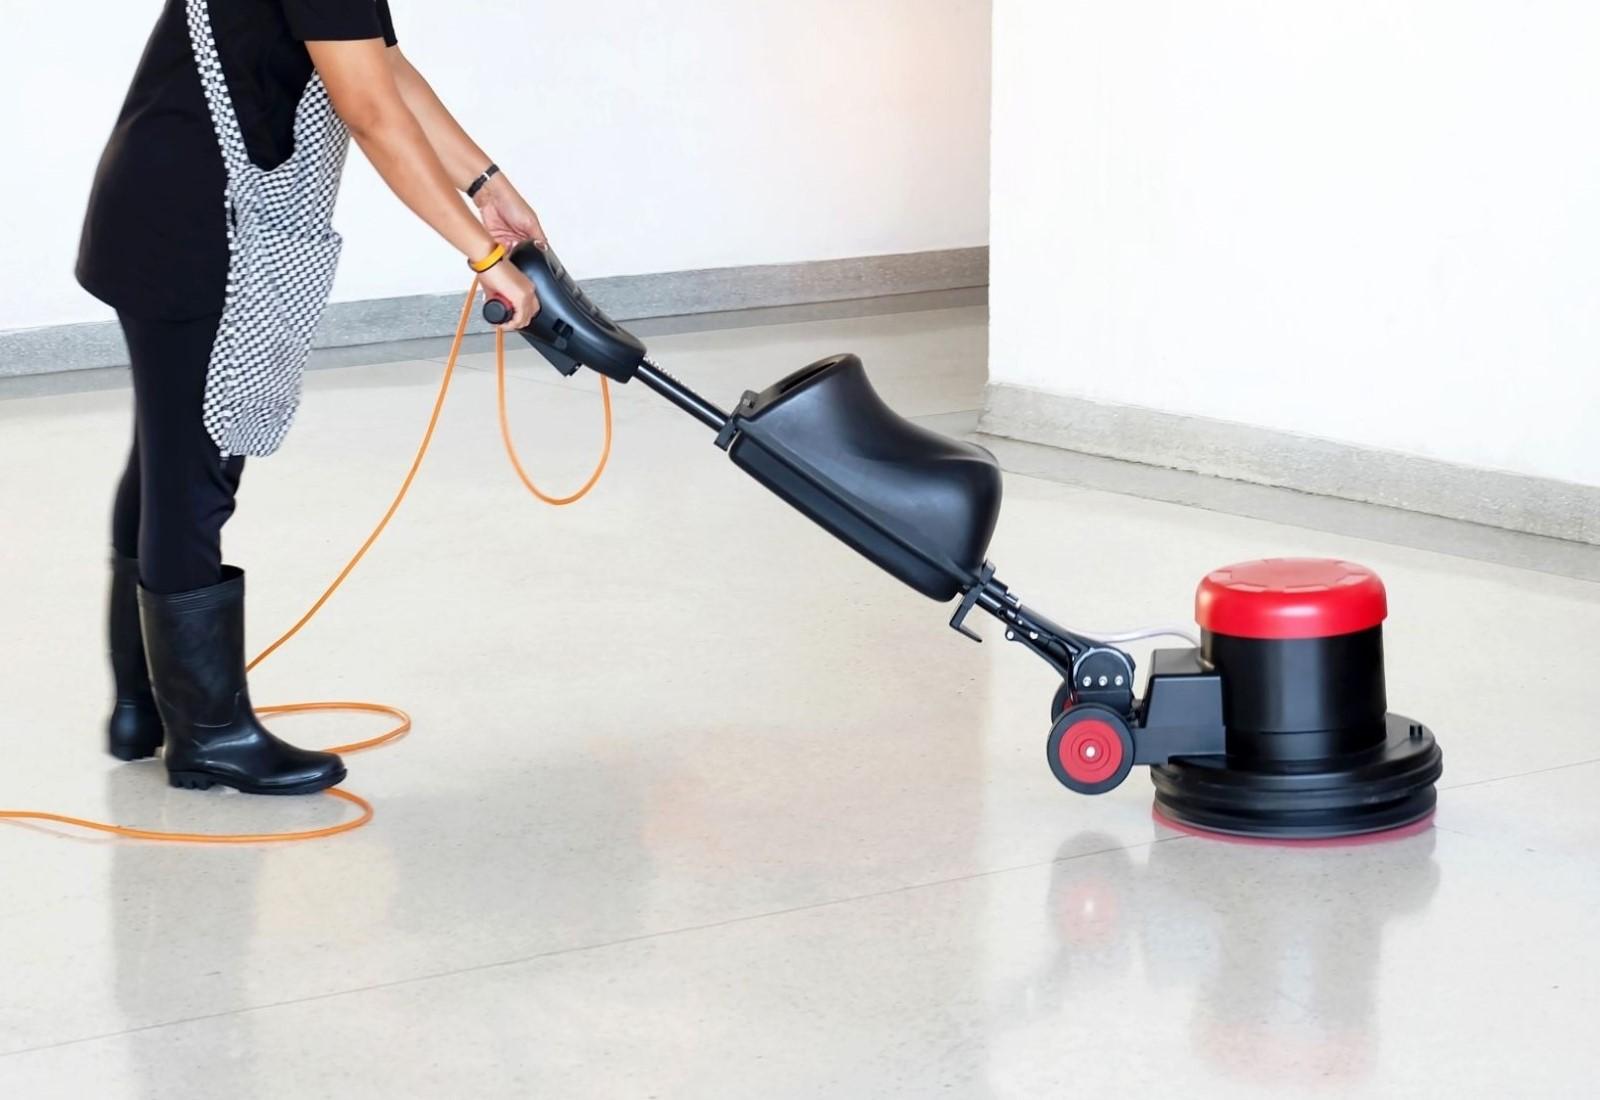 Residential vinyl floor polishing